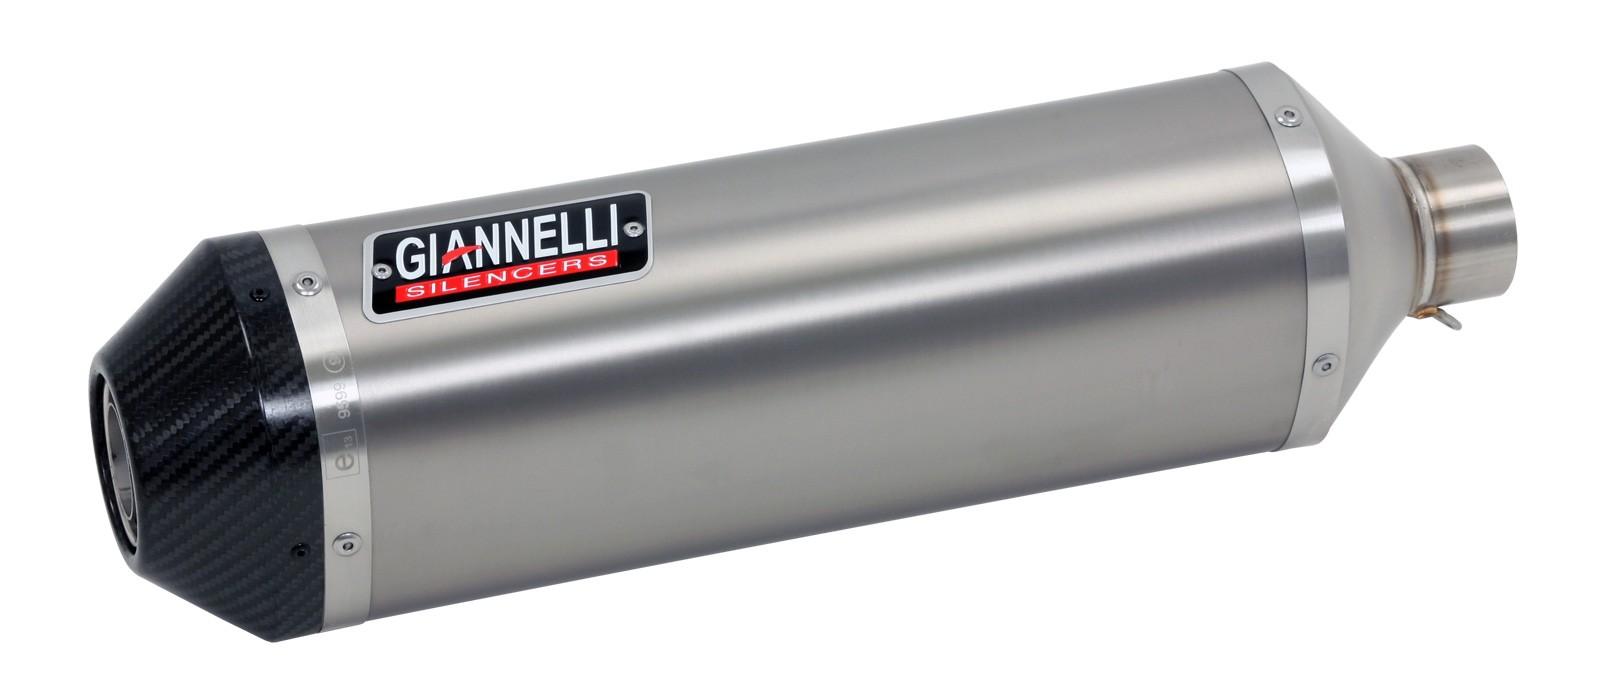 ESCAPES GIANNELLI KAWASAKI - Sistema completo IPERSPORT Silenciador aluminio versión Black Line Kawasaki ER-6N / 6F Gia